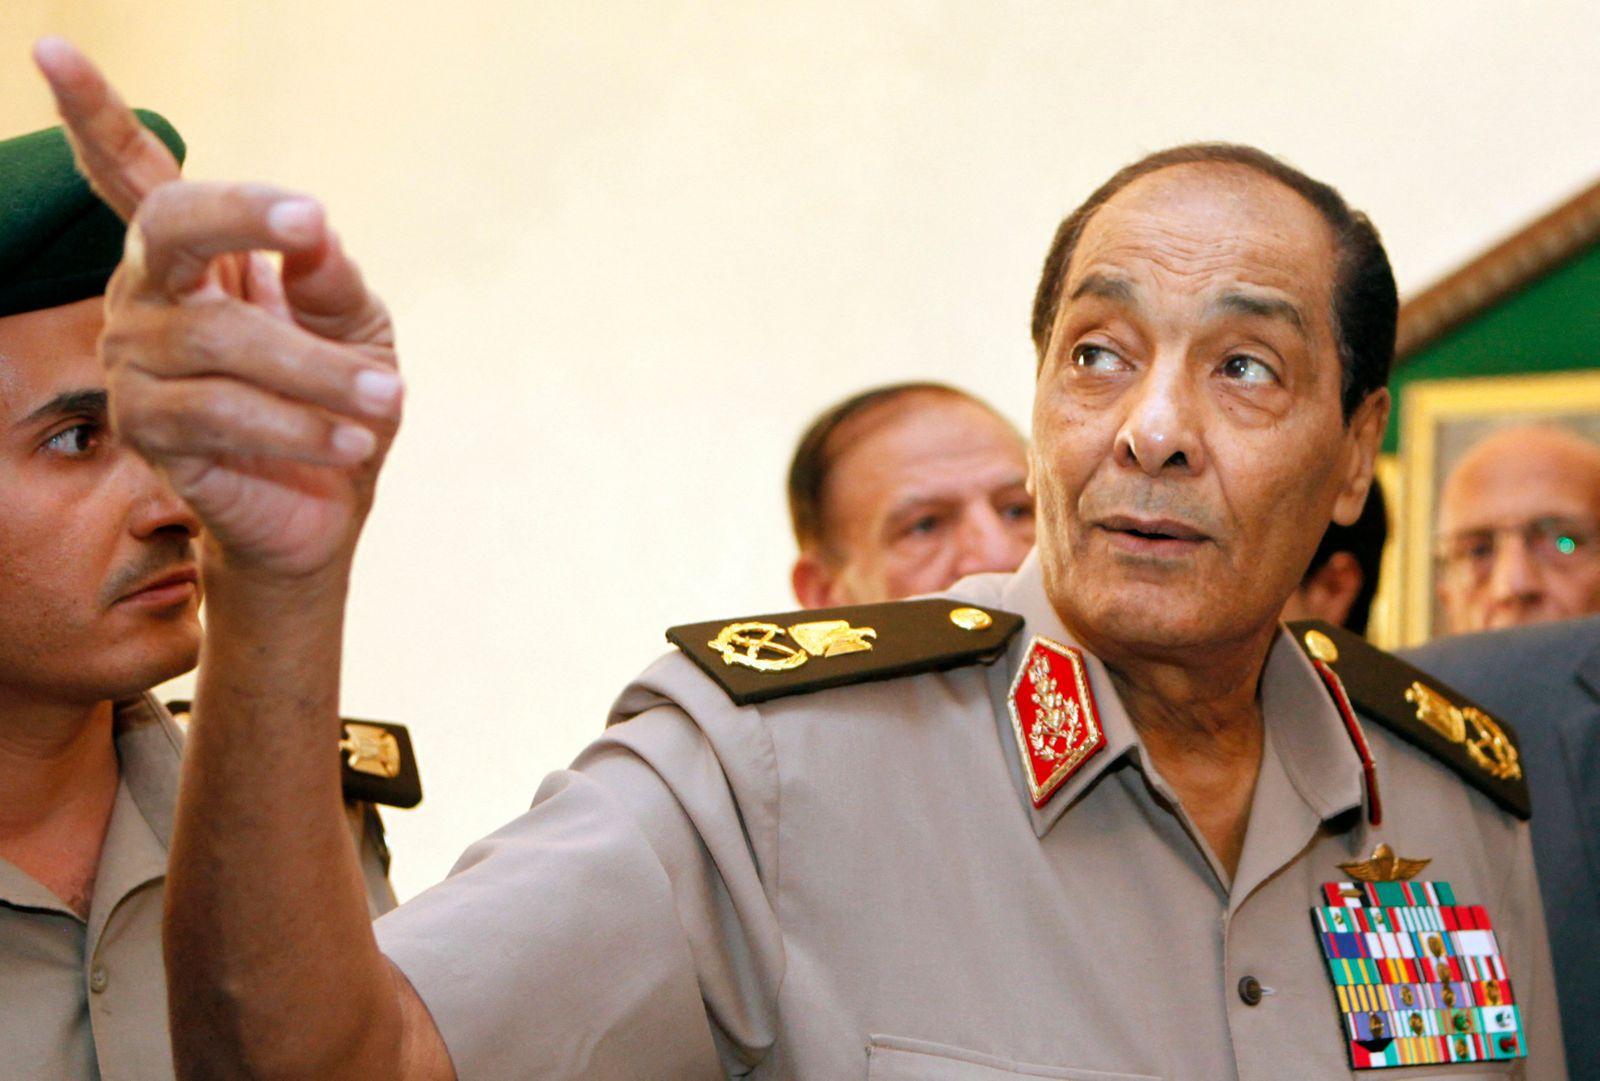 FILES-EGYPT-POLITICS-TANTAWI